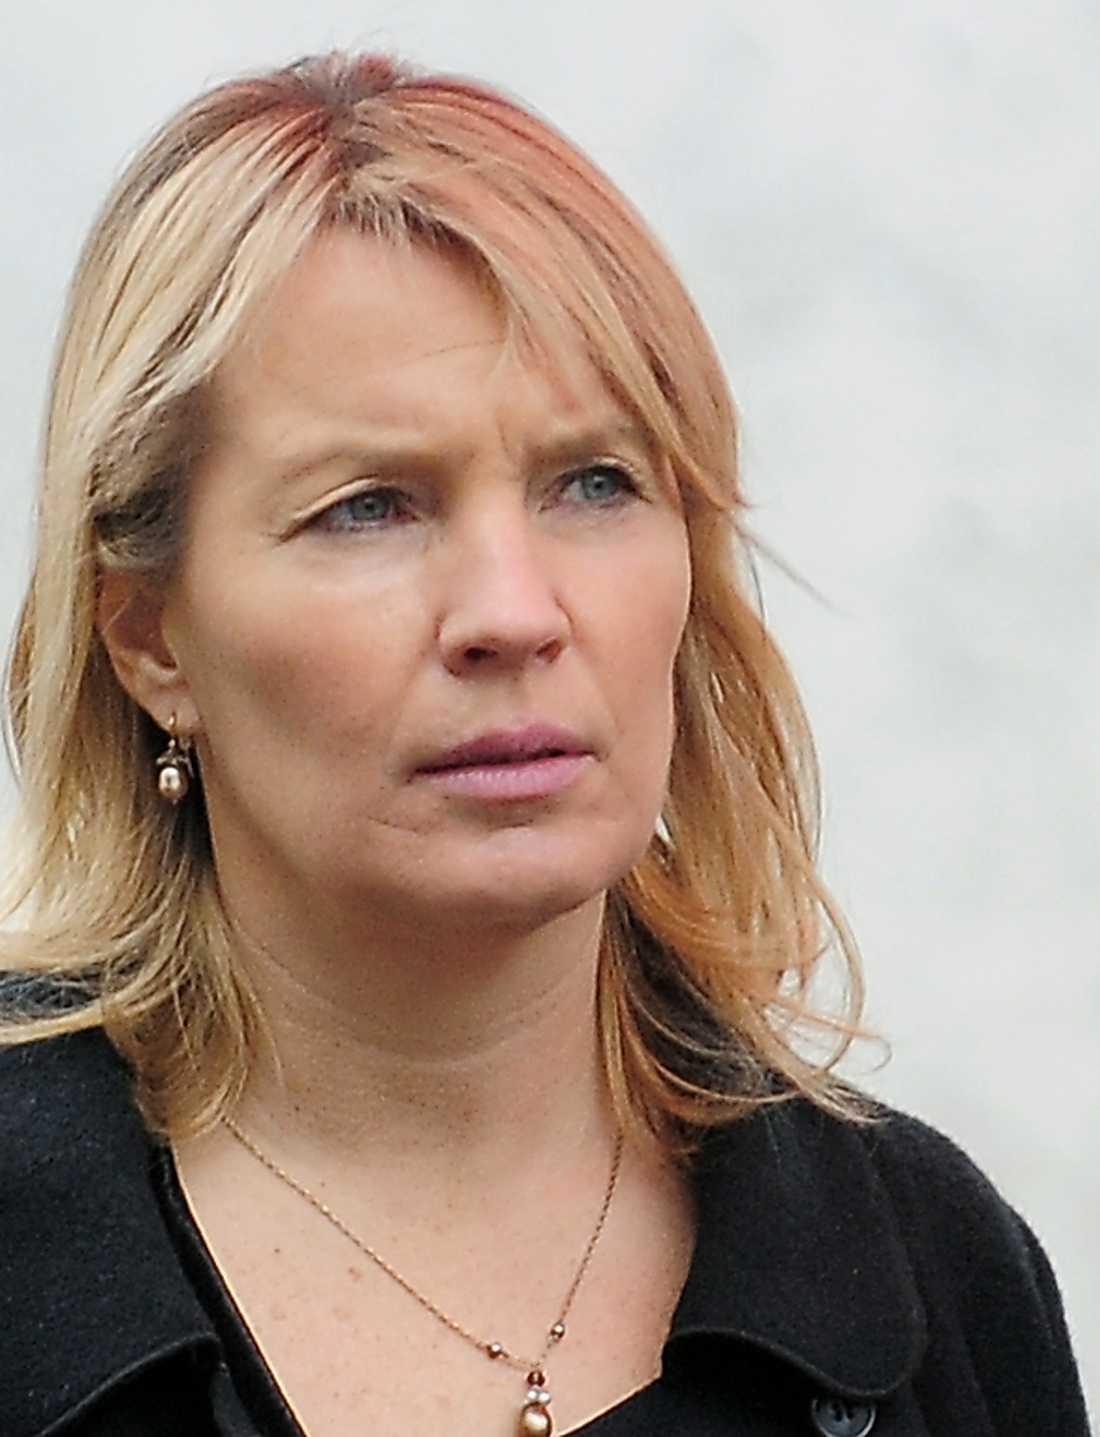 """""""Det är nästan olidligt att tänka på att det är barn inblandade"""", säger Danmarks utrikesminister Lene Espersen."""